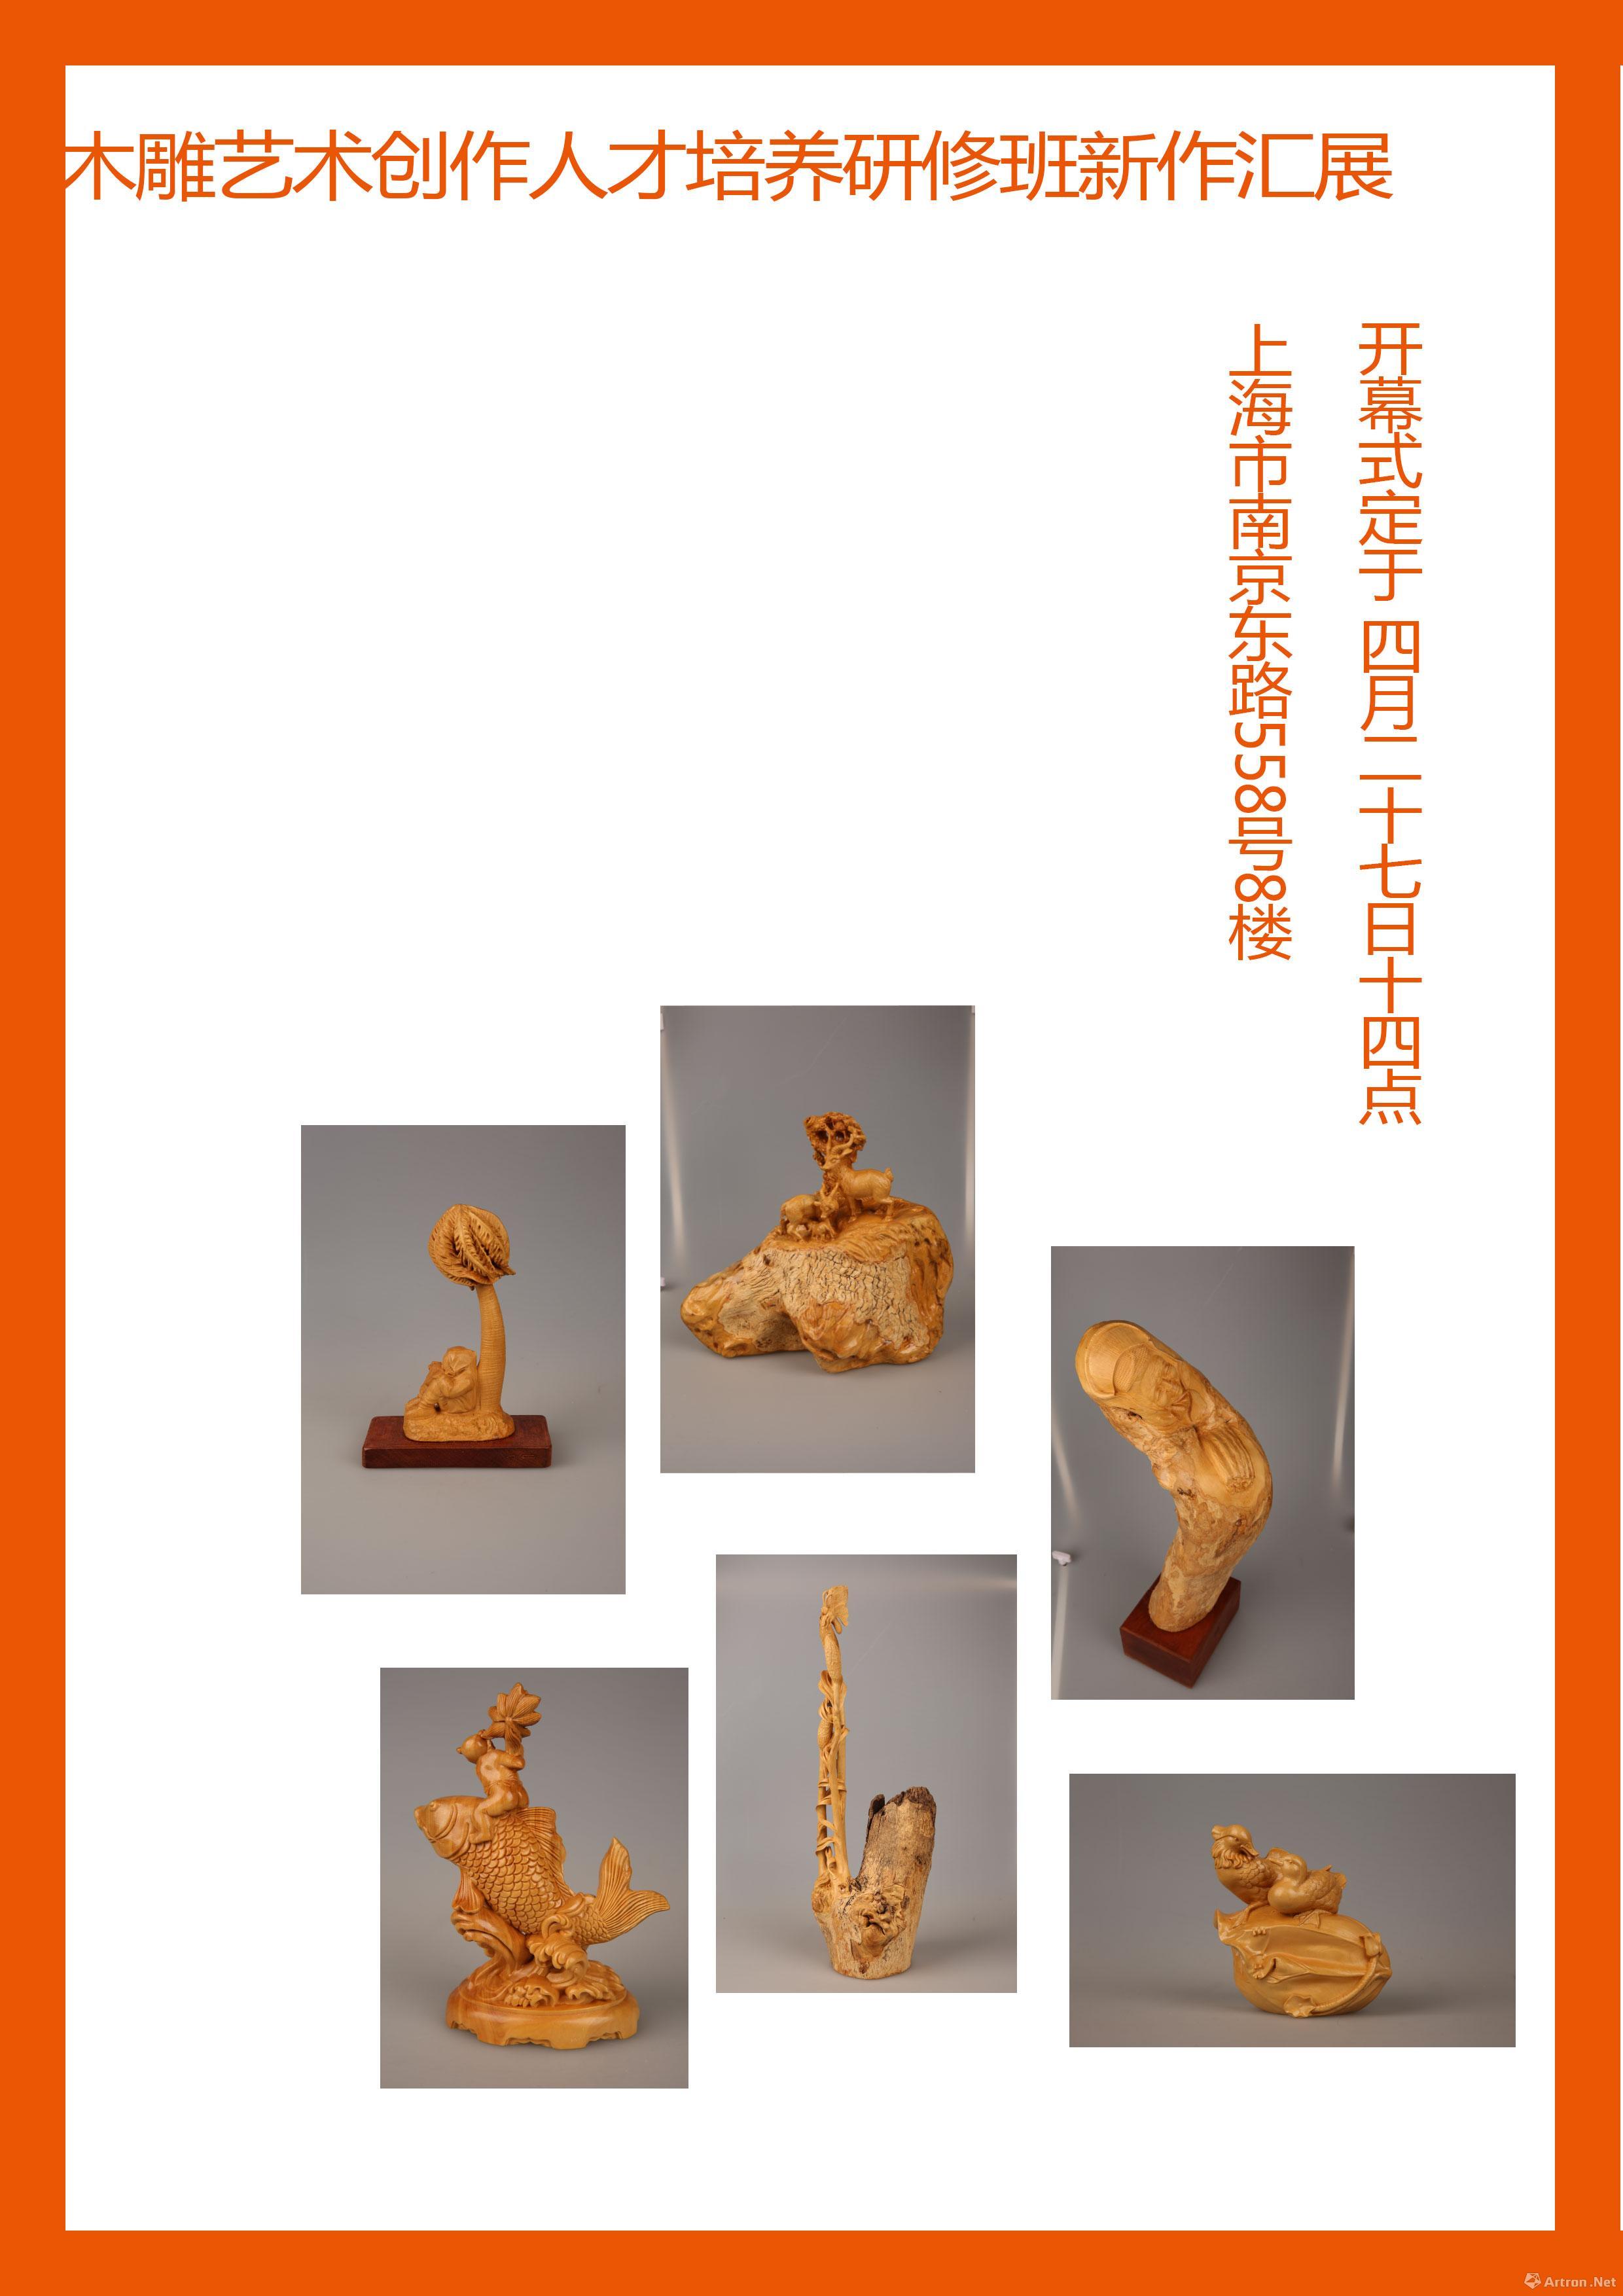 木雕艺术创作人才培养研修班新作汇展